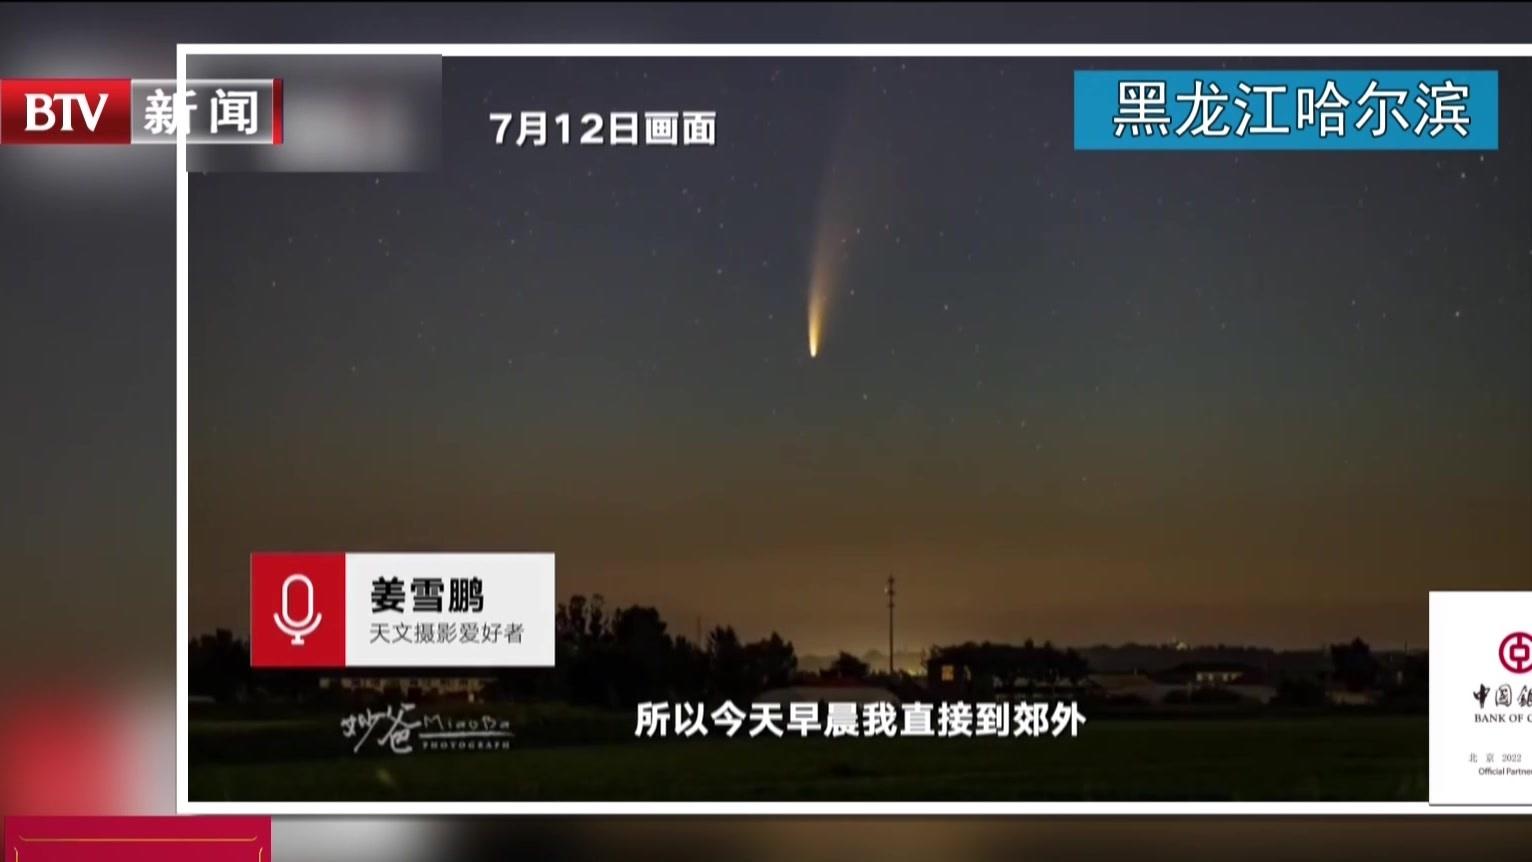 黑龙江哈尔滨:彗星光临  医生守候拍下绝美延时视频